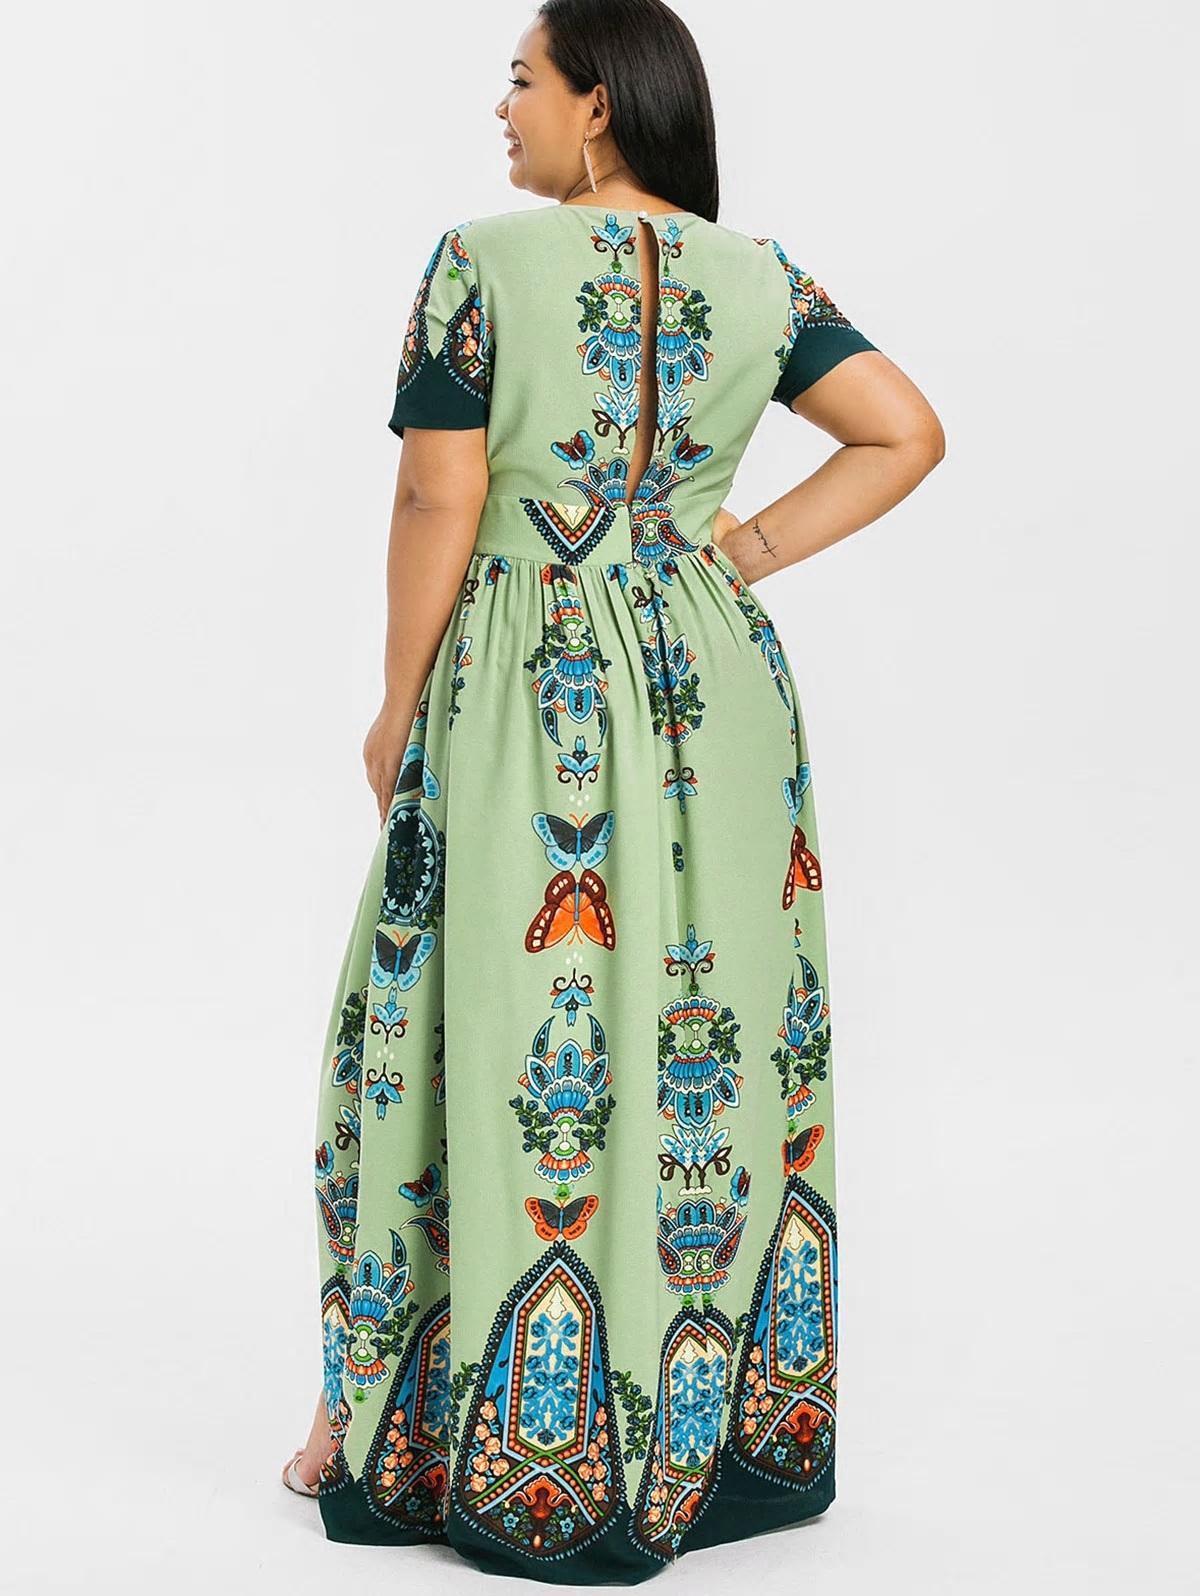 Spoločenské šaty pre MOLETKY - veľ. 42,44,46,48,50 - Obrázok č. 4